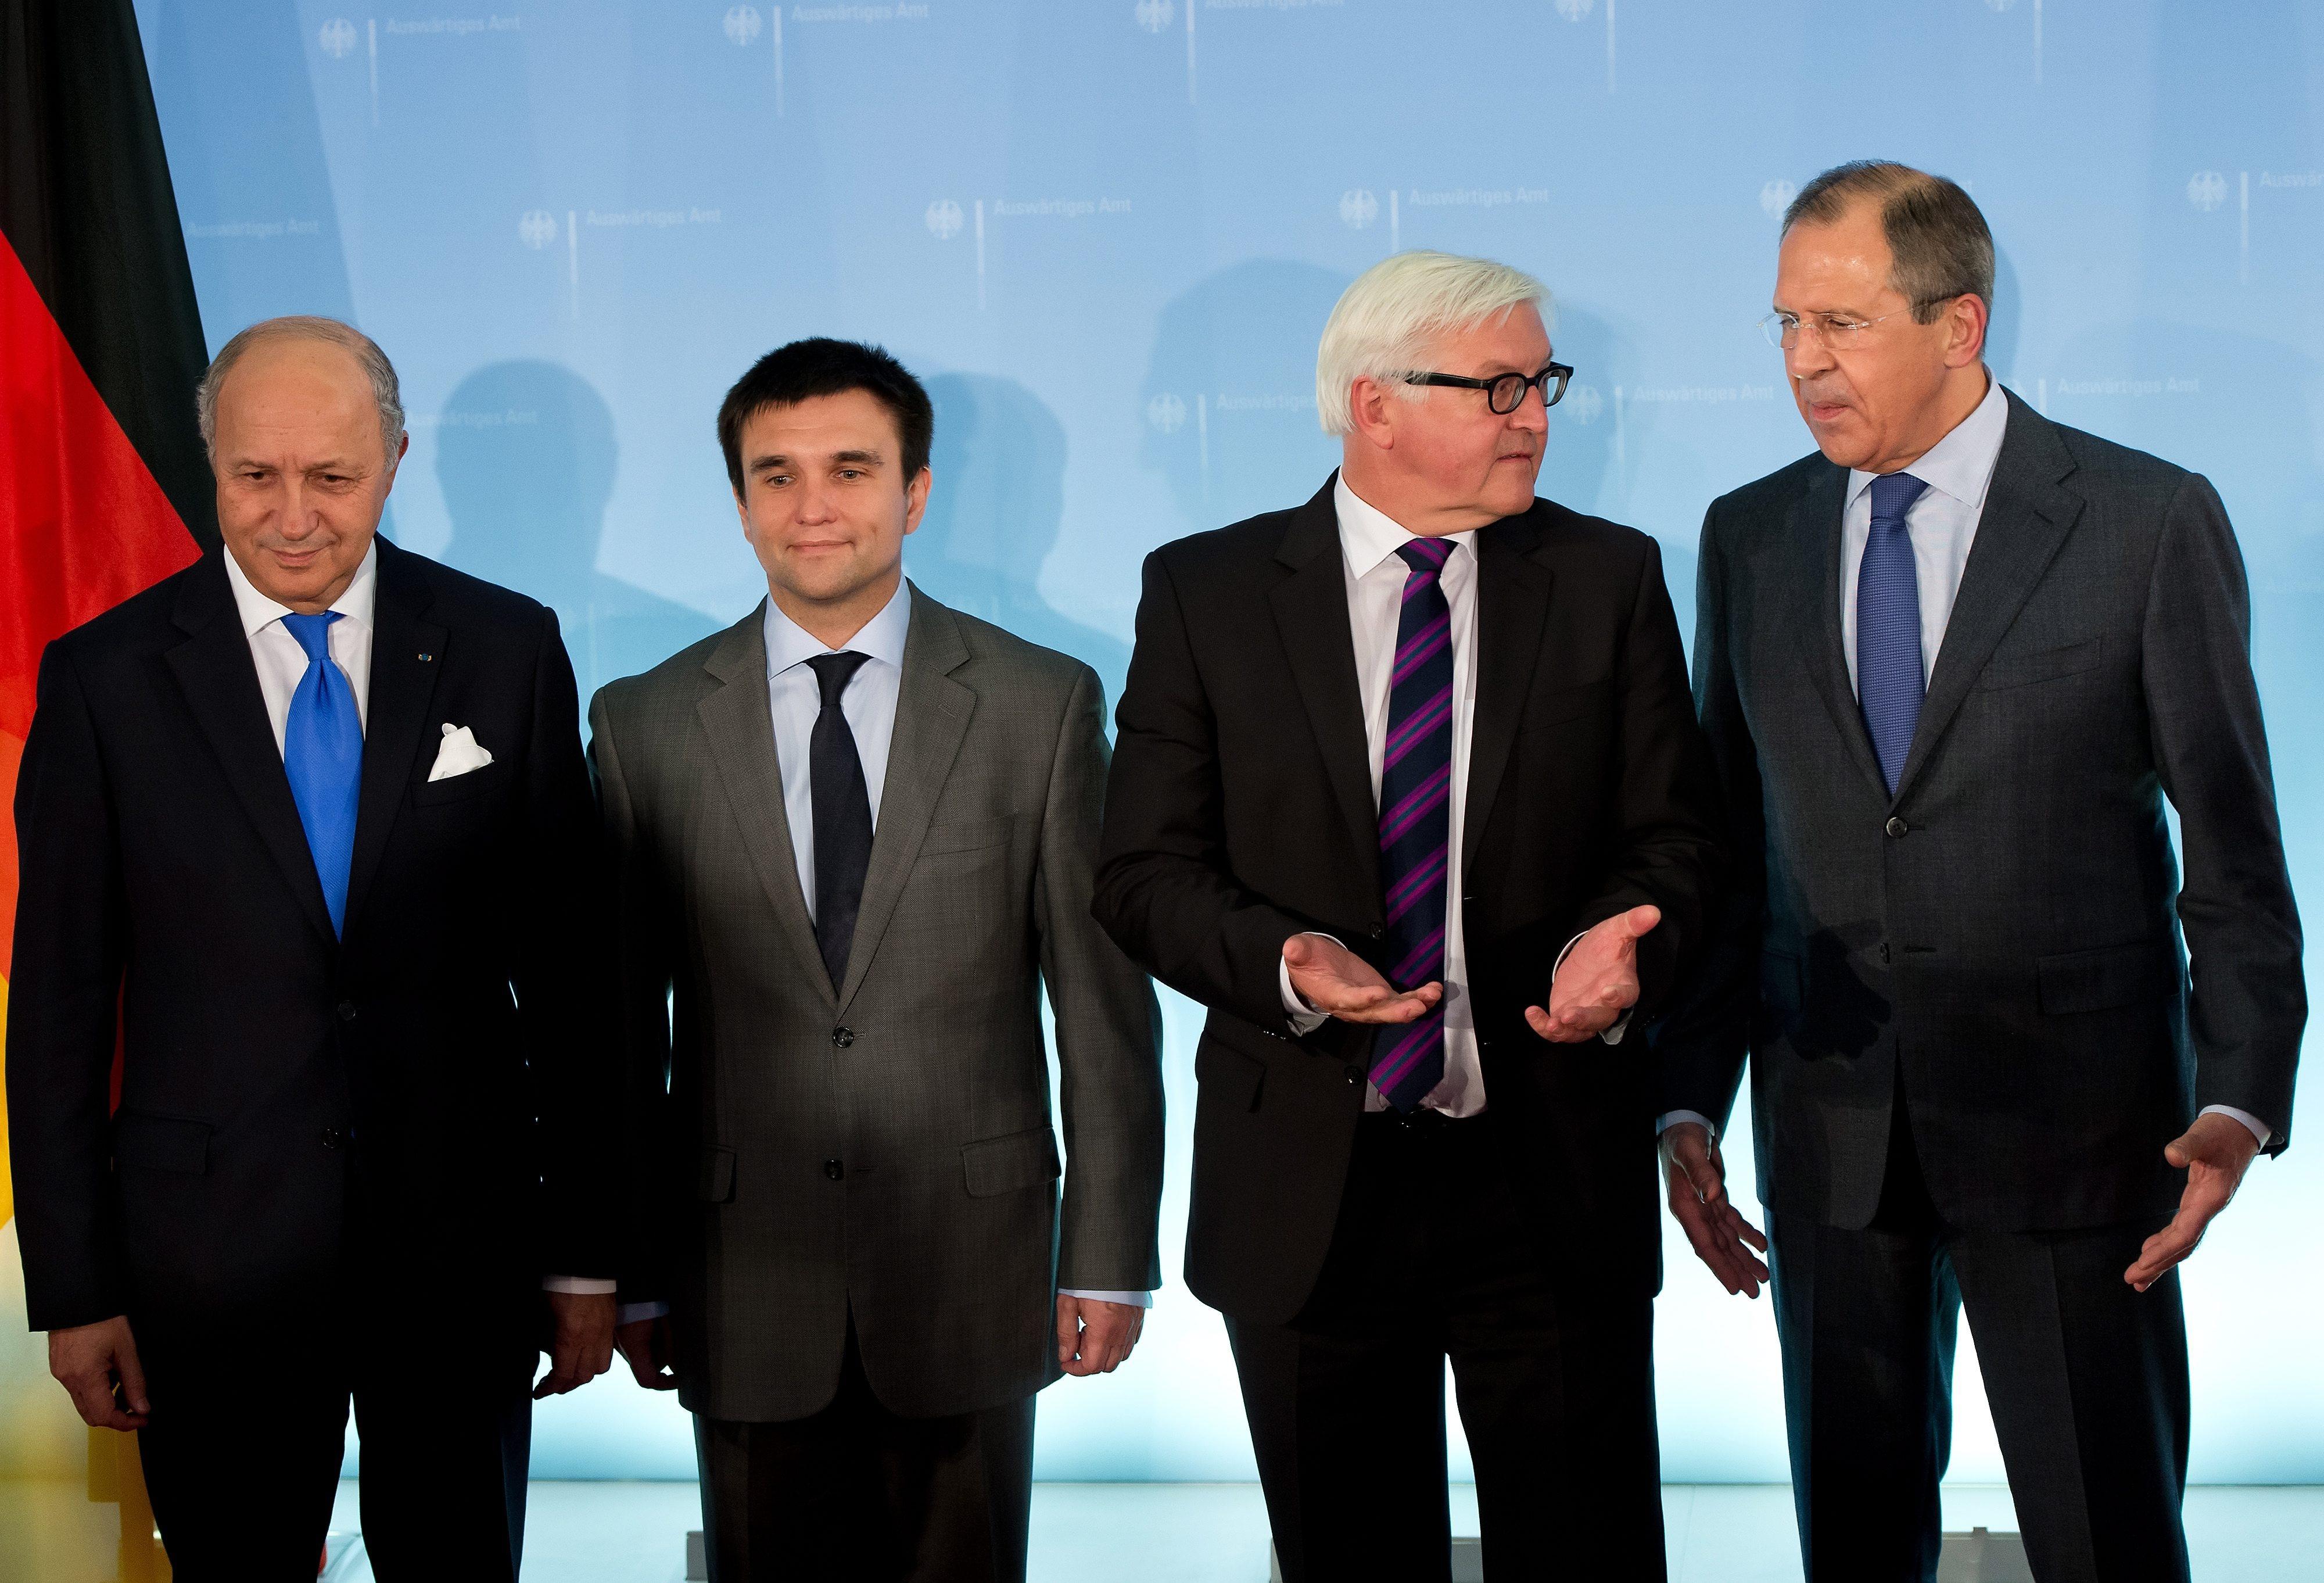 Министры иностранных дел Франции, Украины, Германии и России Лоран Фабиус, Павел Климкин, Франк-Вальтер Штайнмайер и Сергей Лавров (слева направо)